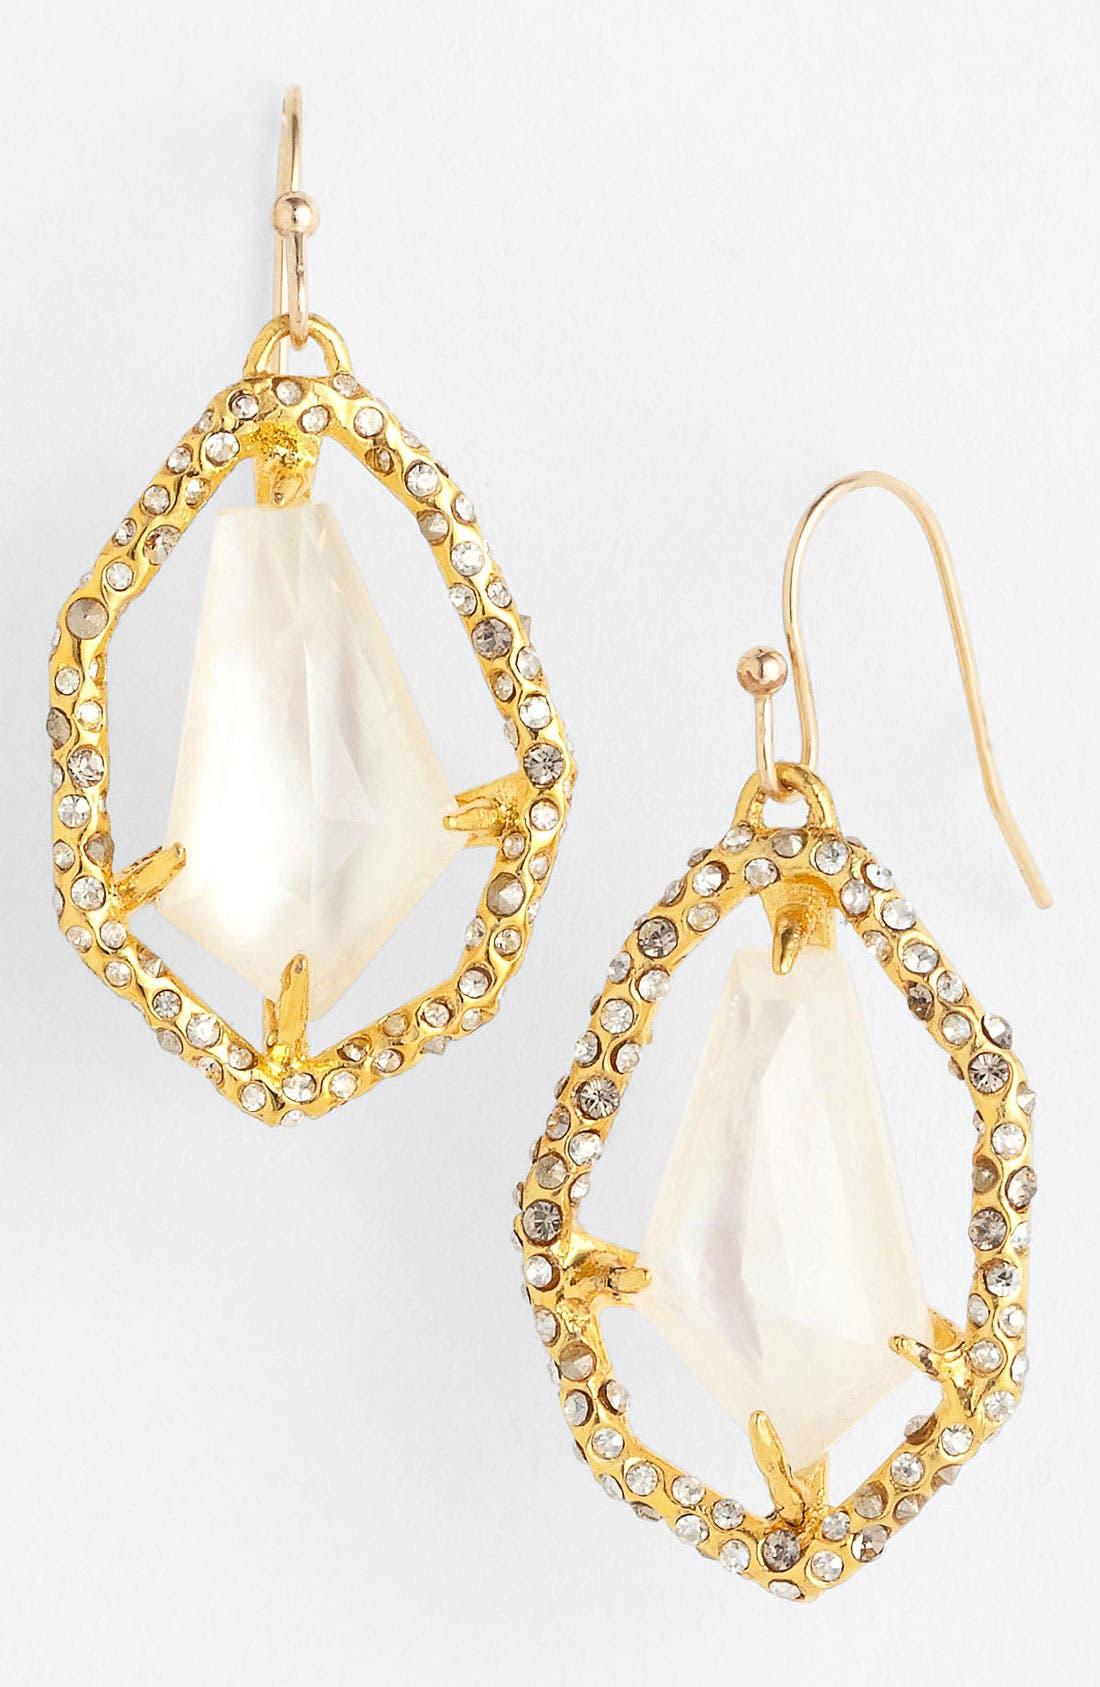 Alternate Image 1 Selected - Alexis Bittar 'Miss Havisham - Bel Air' Drop Earrings (Nordstrom Exclusive)